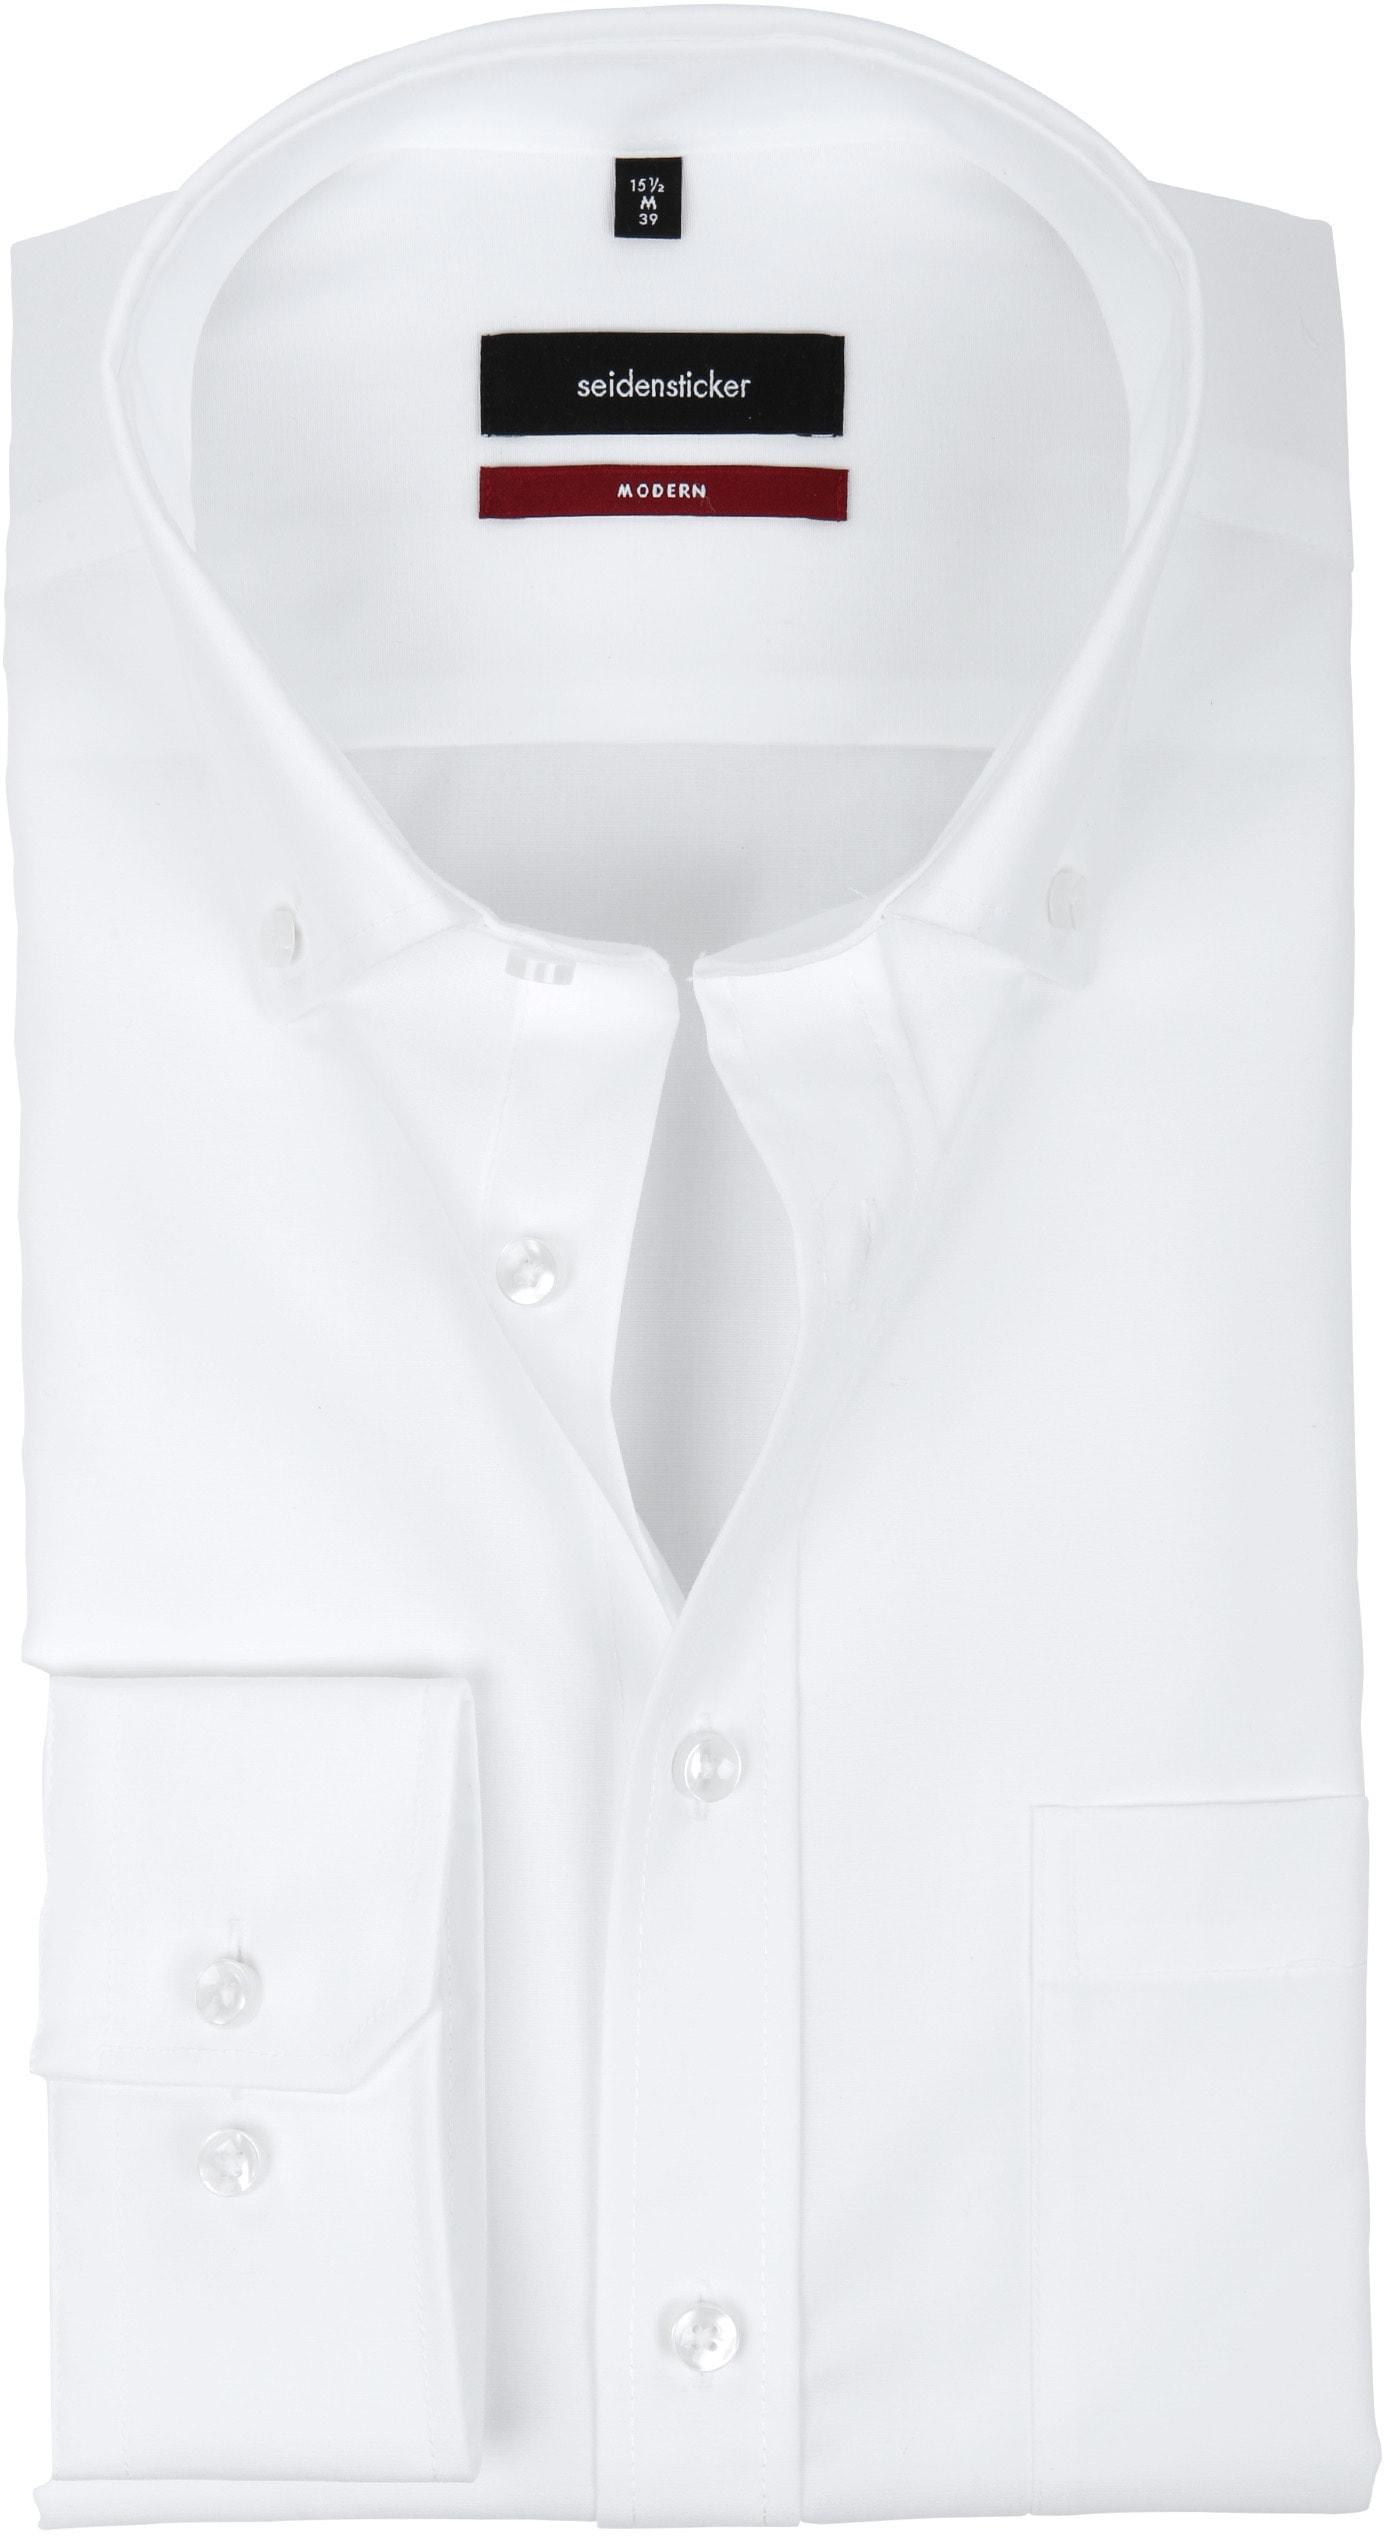 Seidensticker Non Iron Modern-Fit White BD 01.003002.01 order online ... 6b096ae06d77